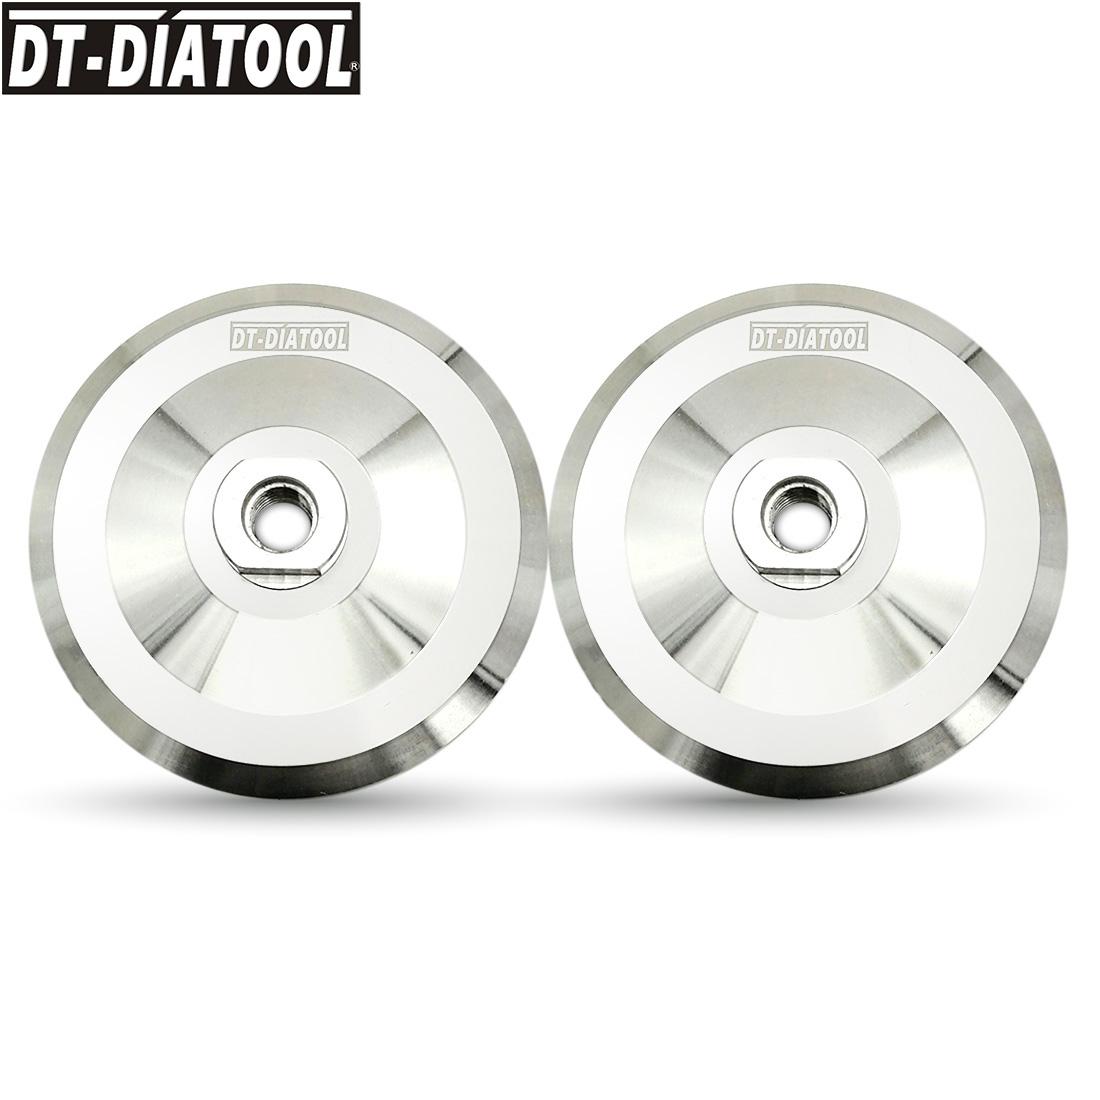 DT-DIATOOL 2pcs M14 Thread Dia 5\